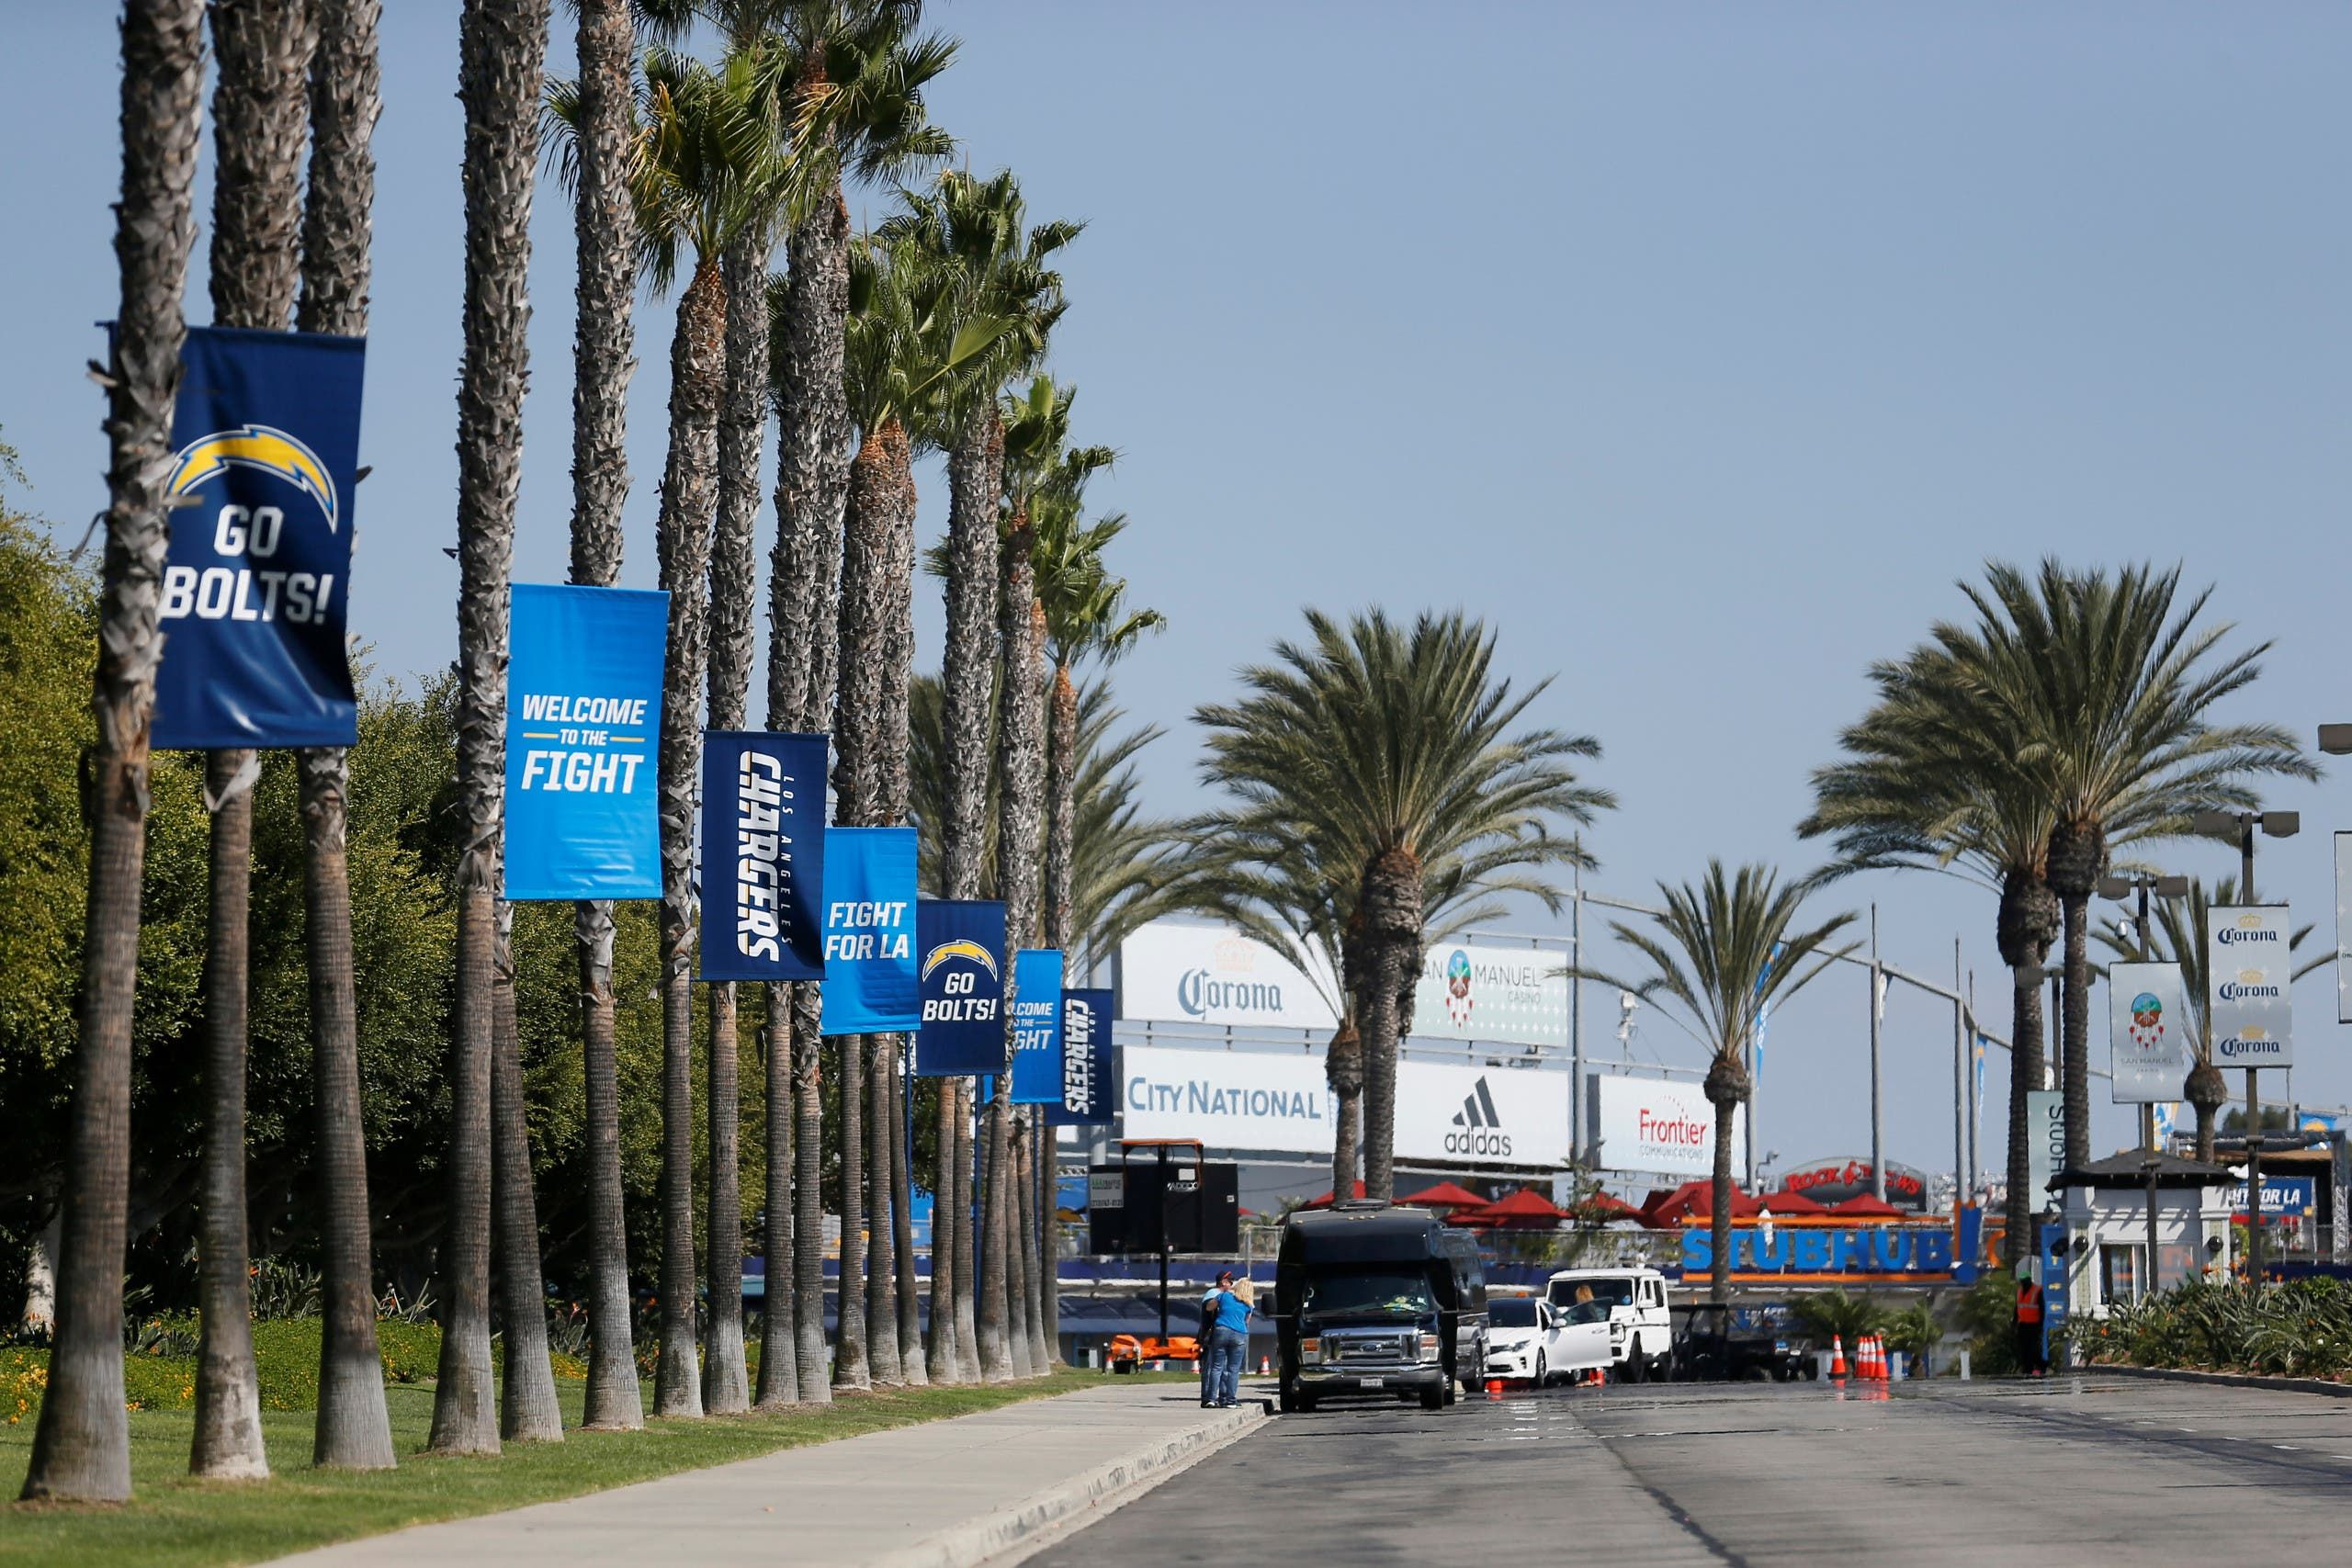 طريق رئيسي محاط بالأشجار في كاليفورنيا